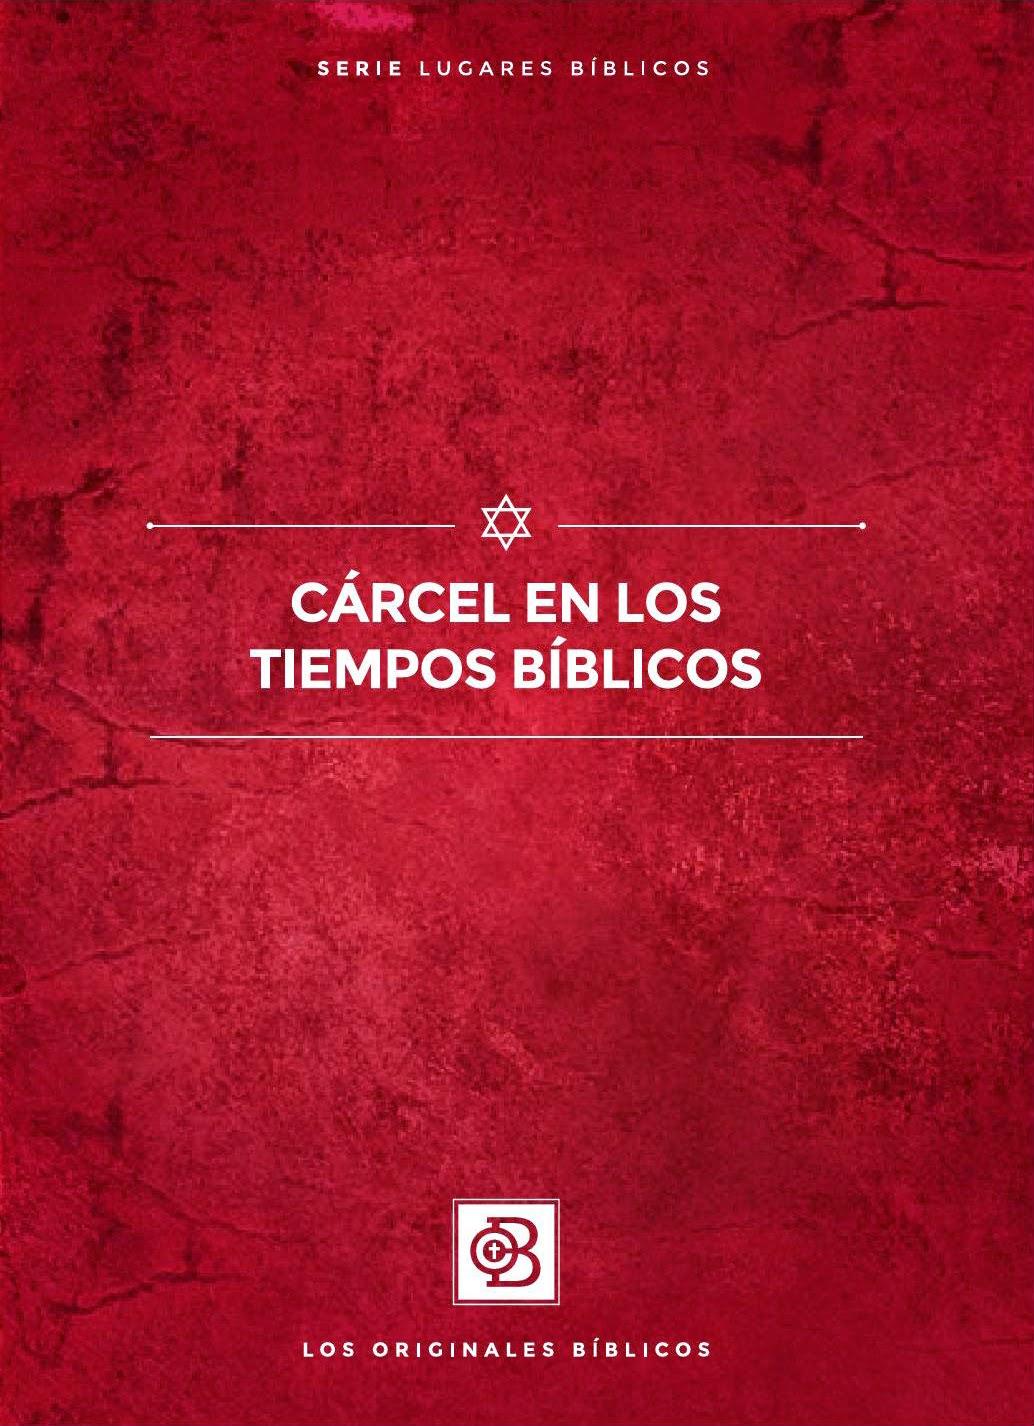 Los Originales Biblicos-Cárcel En Los Tiempos Bíblicos-